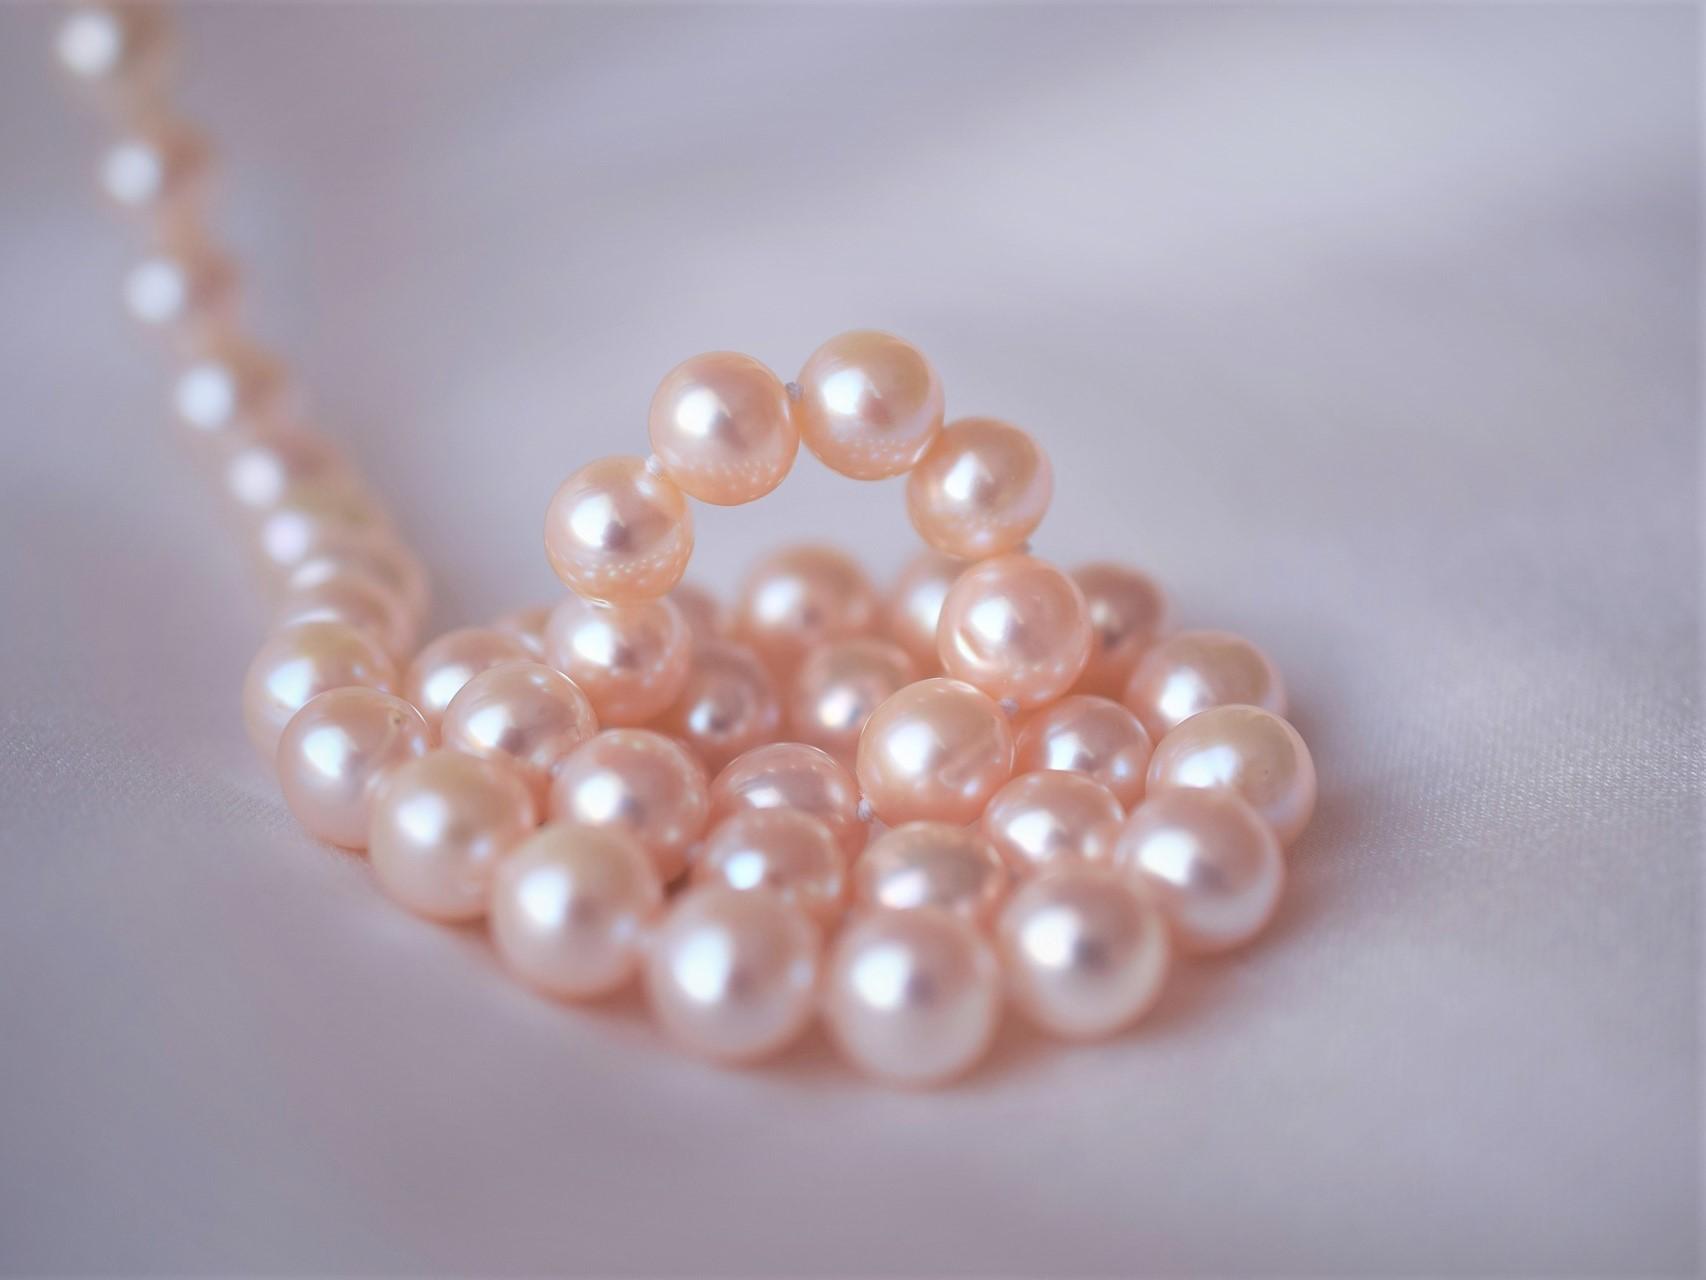 白いシーツの上にピンク色の輝く真珠が巻かれている